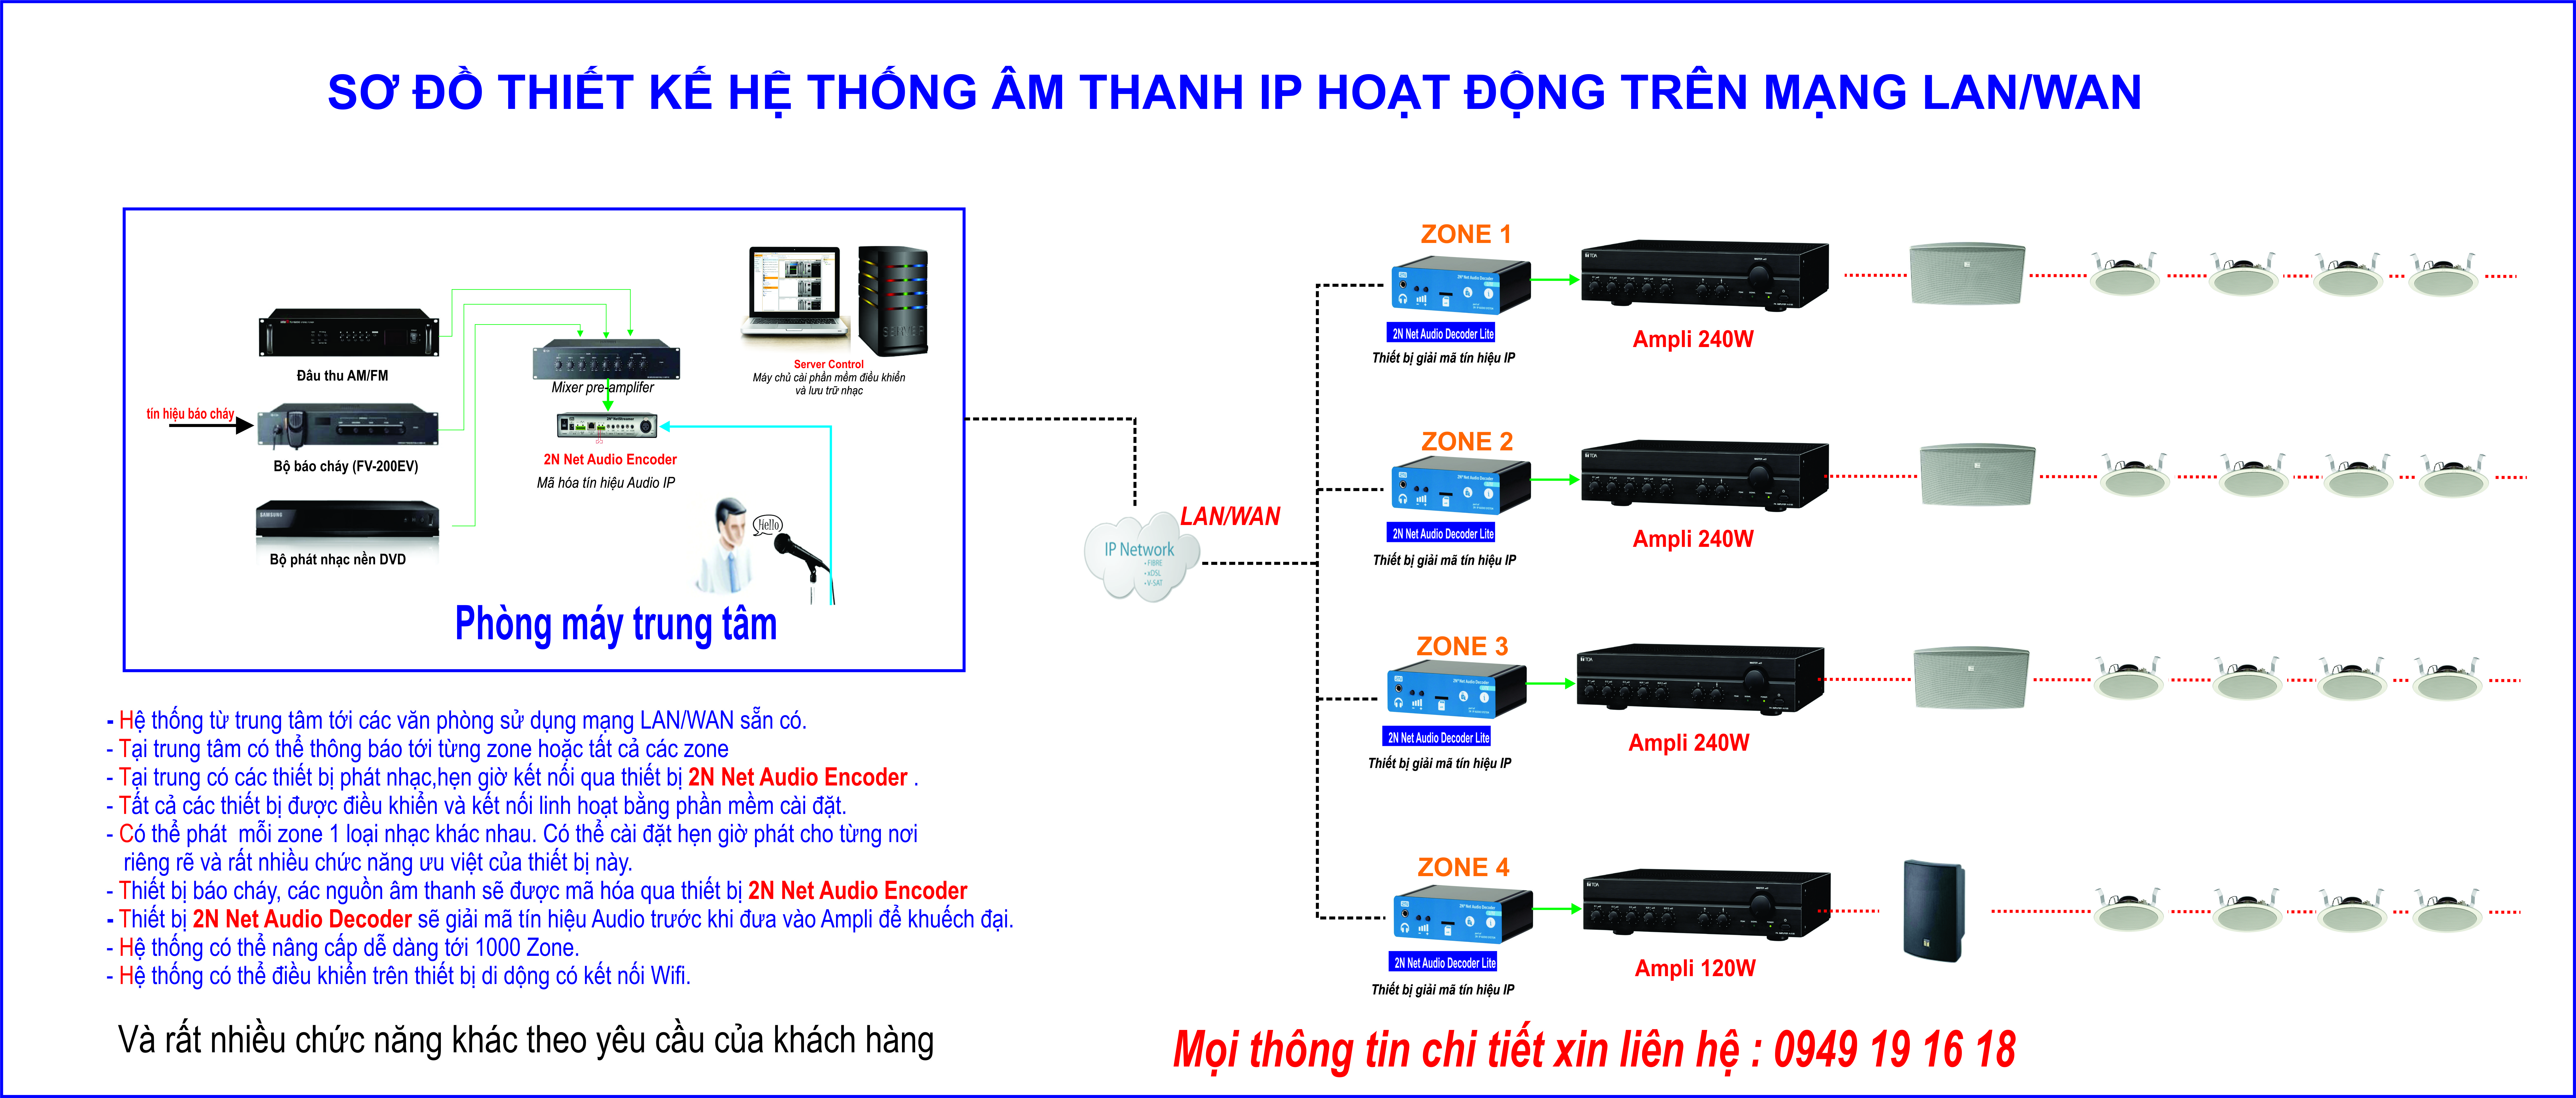 Hệ thống âm thanh đa chiều không dây sử dụng mạng Lan/Wan